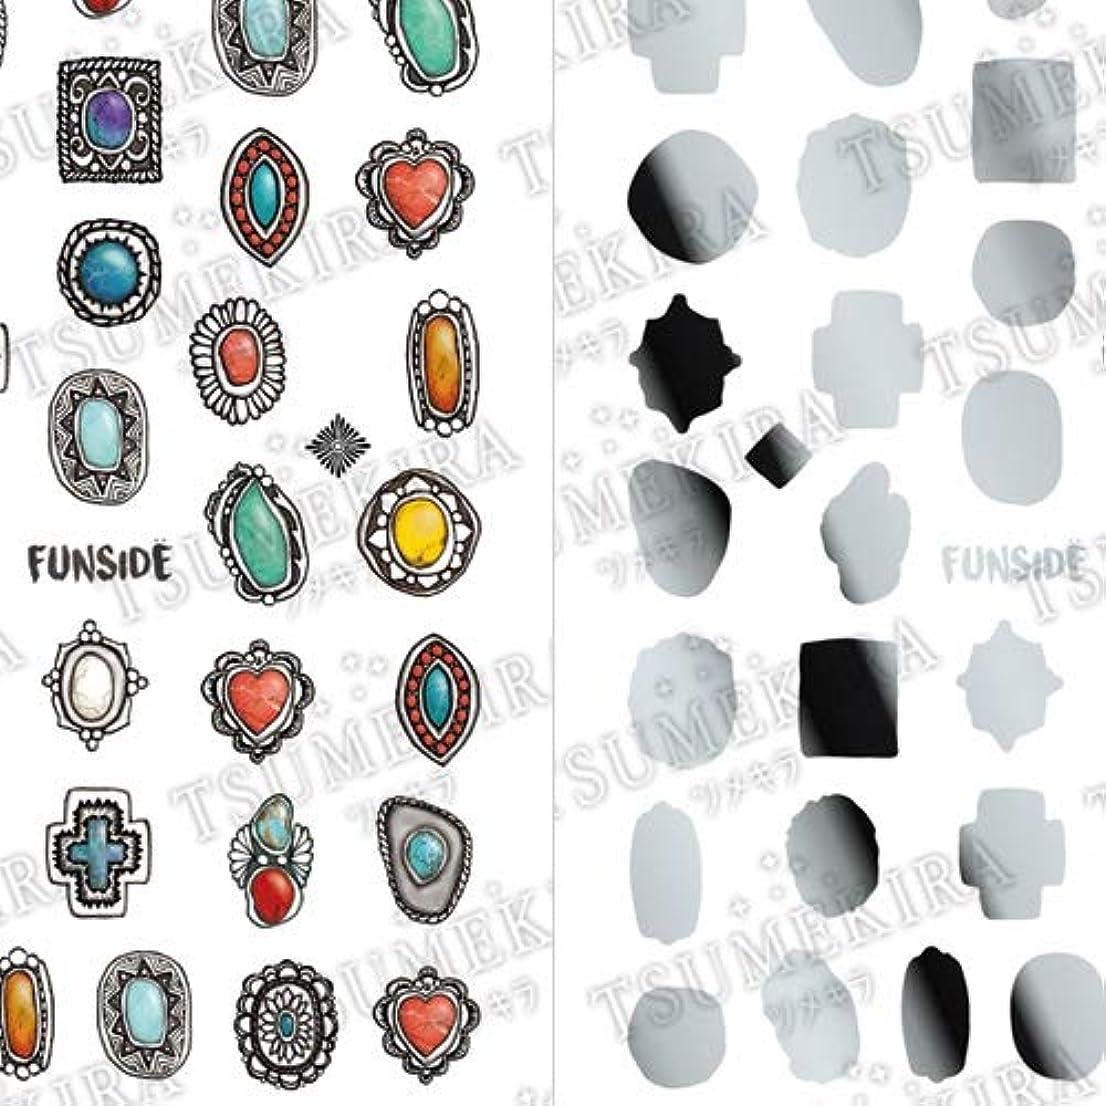 踏み台縁石コアTSUMEKIRA(ツメキラ) ネイルシール FUNSIDEプロデュース Indian Jewelry SG-FNS-101 1枚